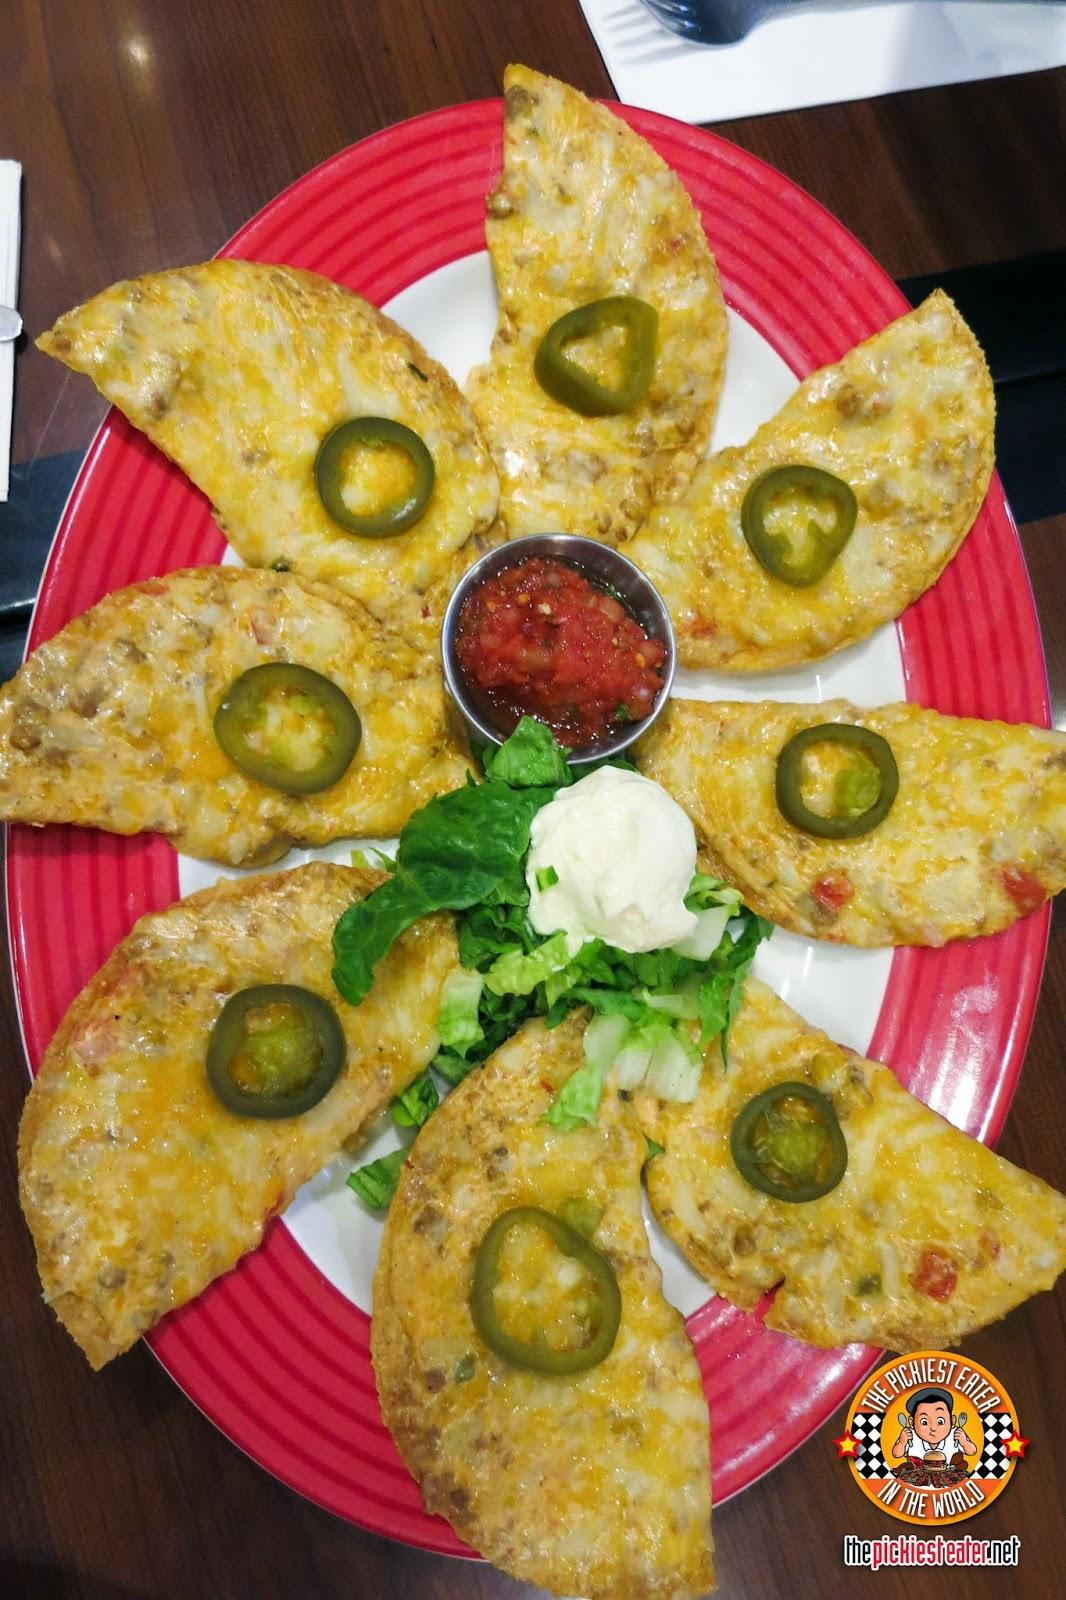 tostada nachos